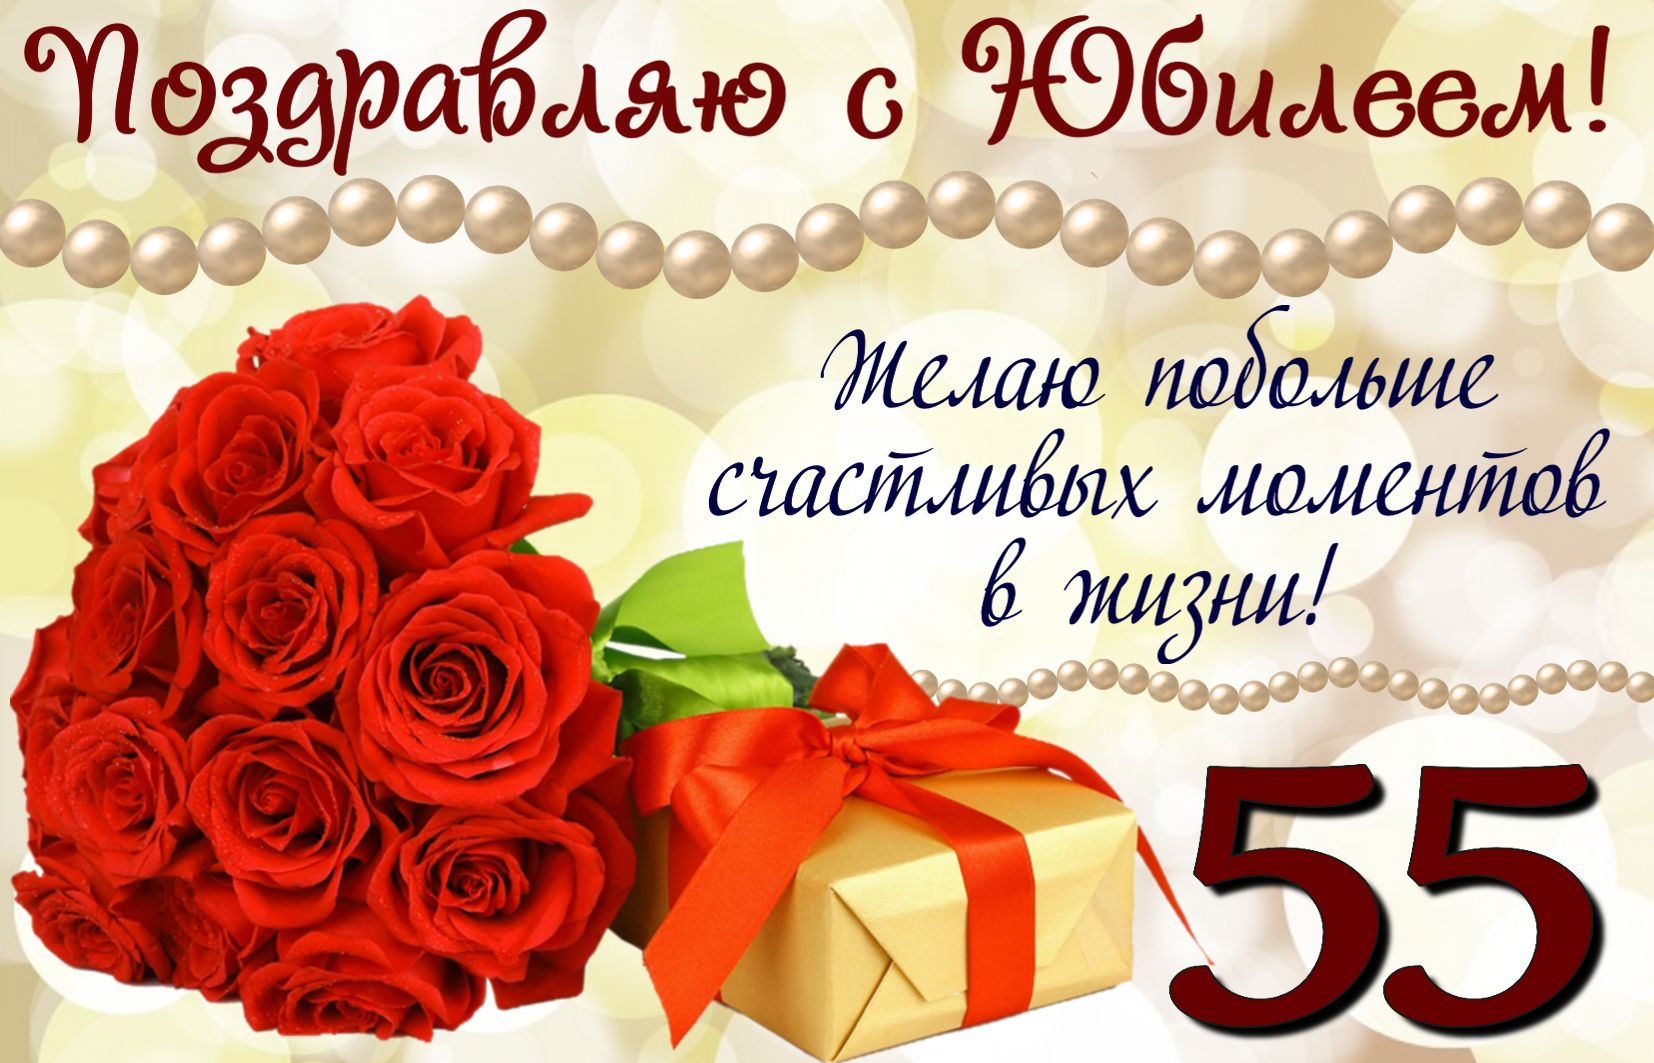 Юбилеи женщин 55 лет поздравление от друзей